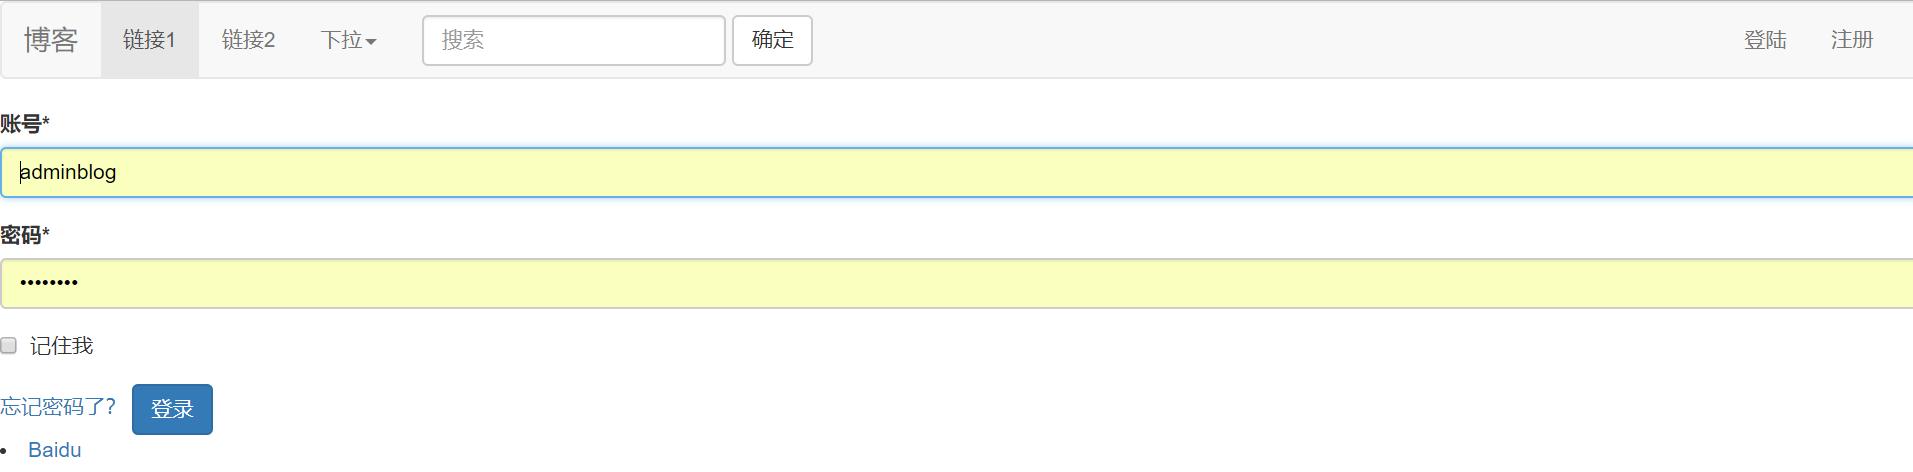 jerrycoding Django建站历程:(六)使用bootstrap3美化登陆界面